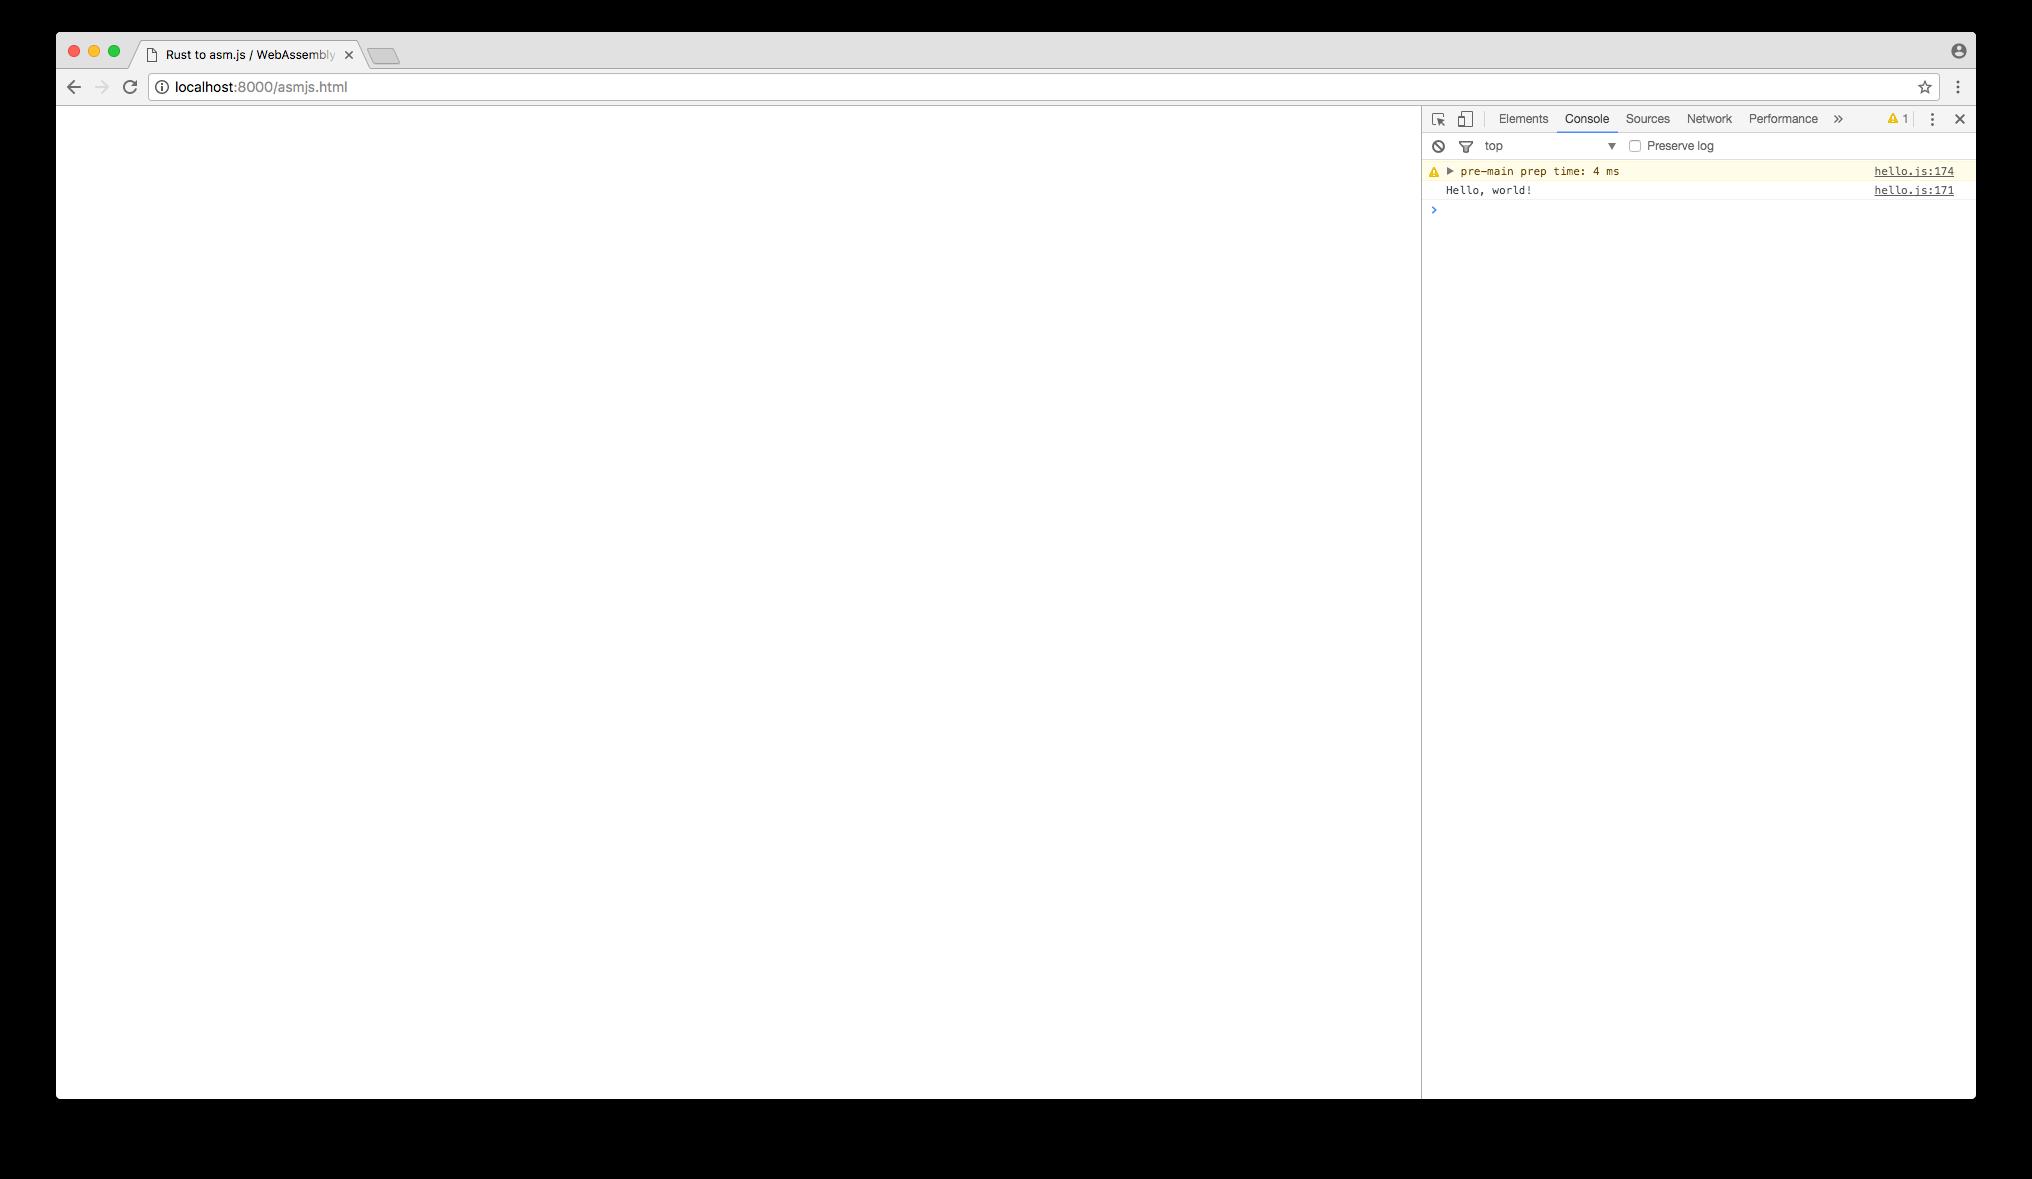 Screen Shot 2016-12-05 at 16.41.42.png